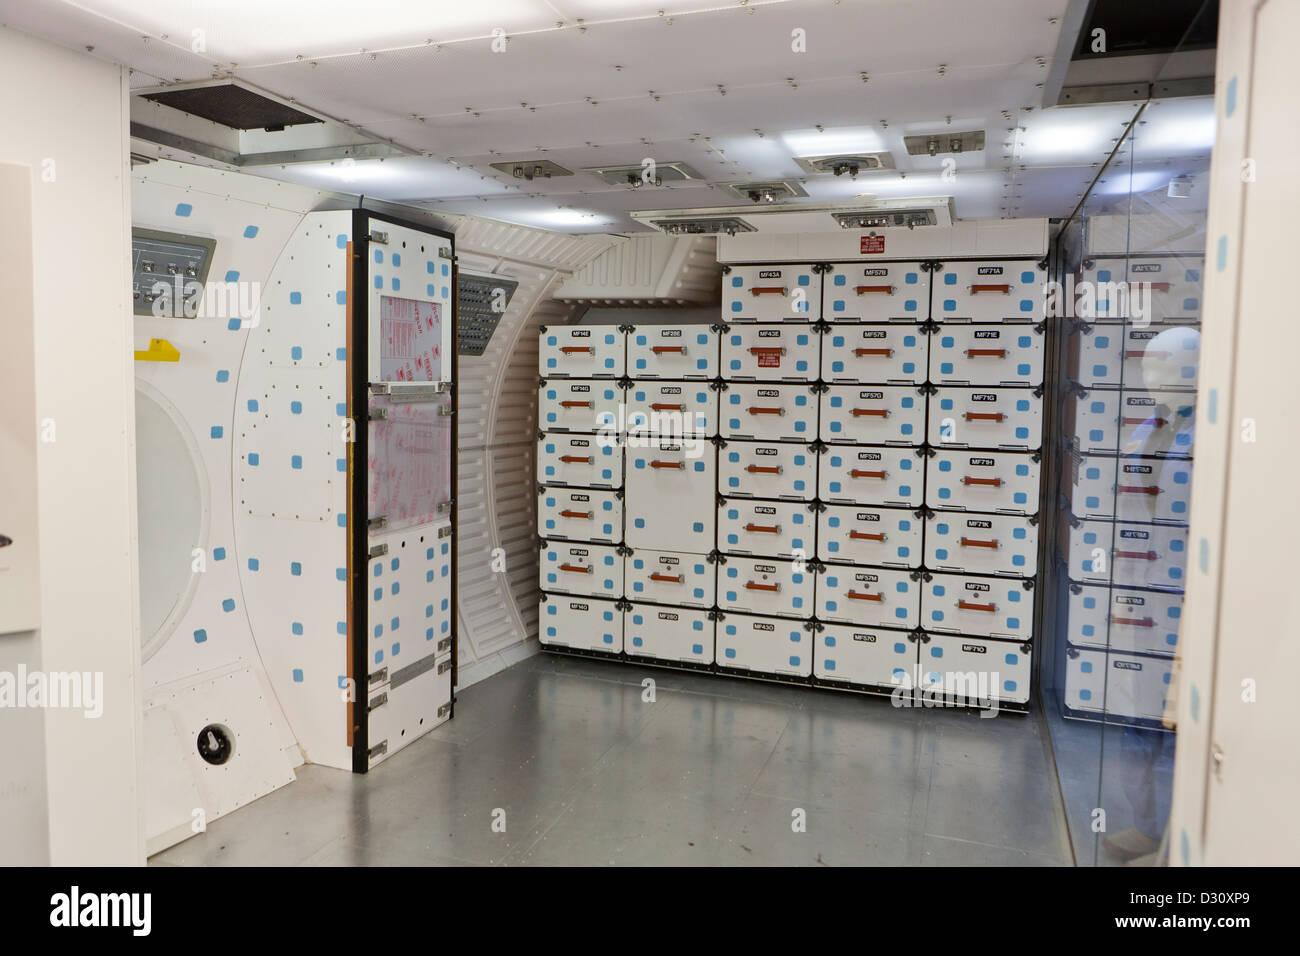 Maquette de la zone de stockage dans la Station spatiale internationale Photo Stock